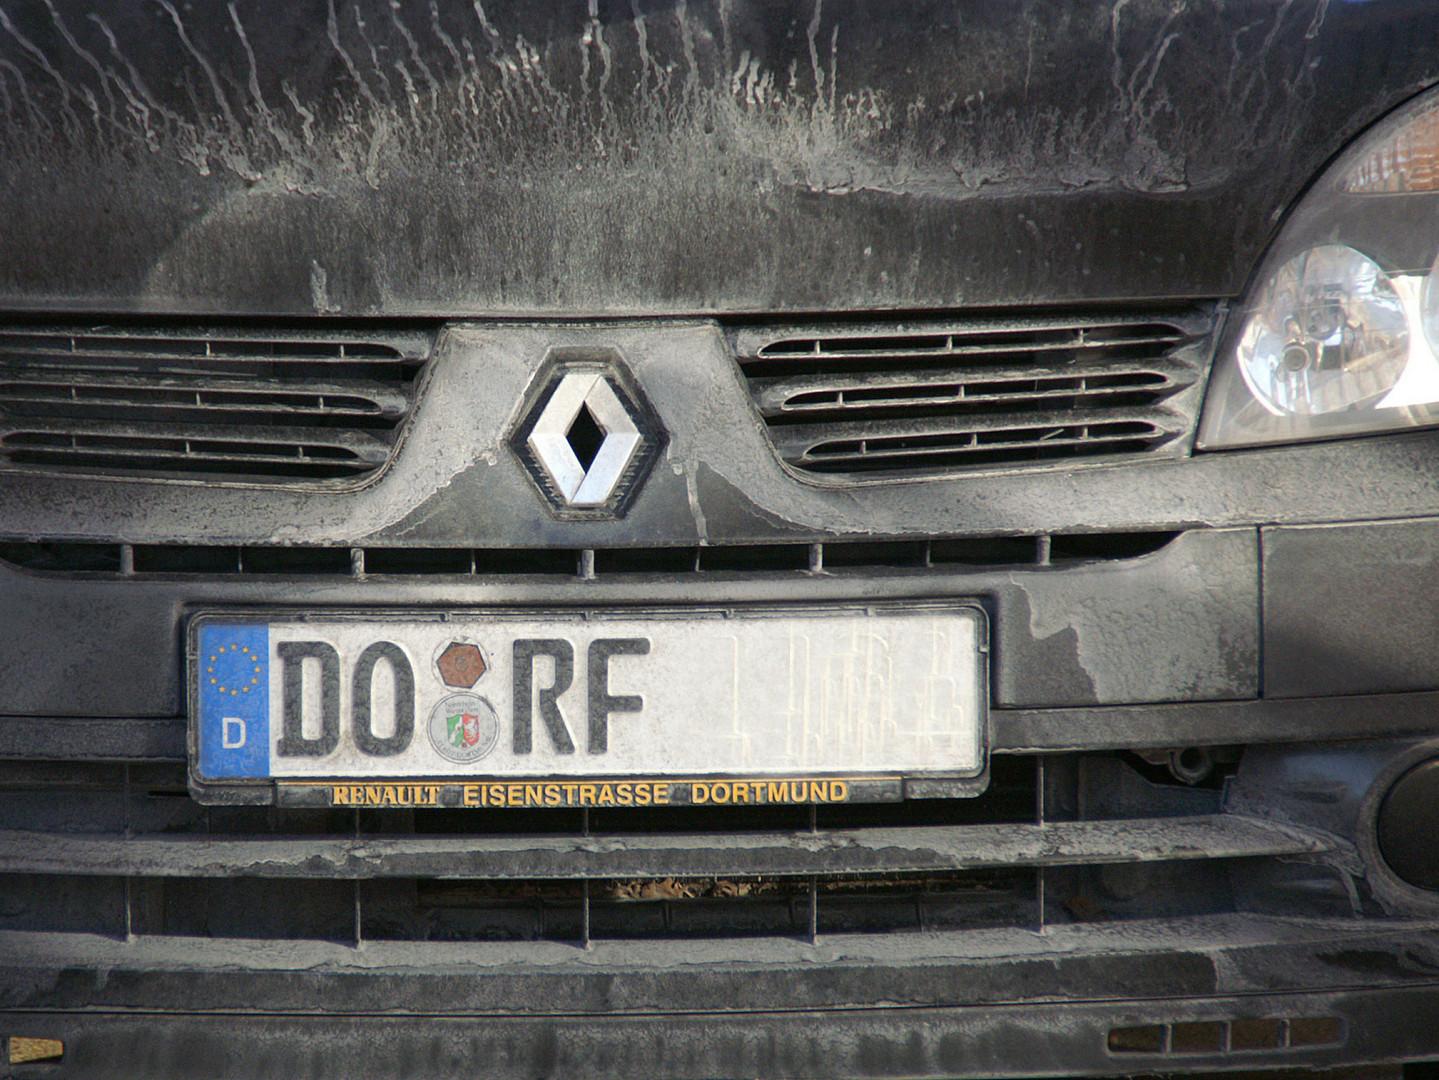 Dortmund - ein Dorf?